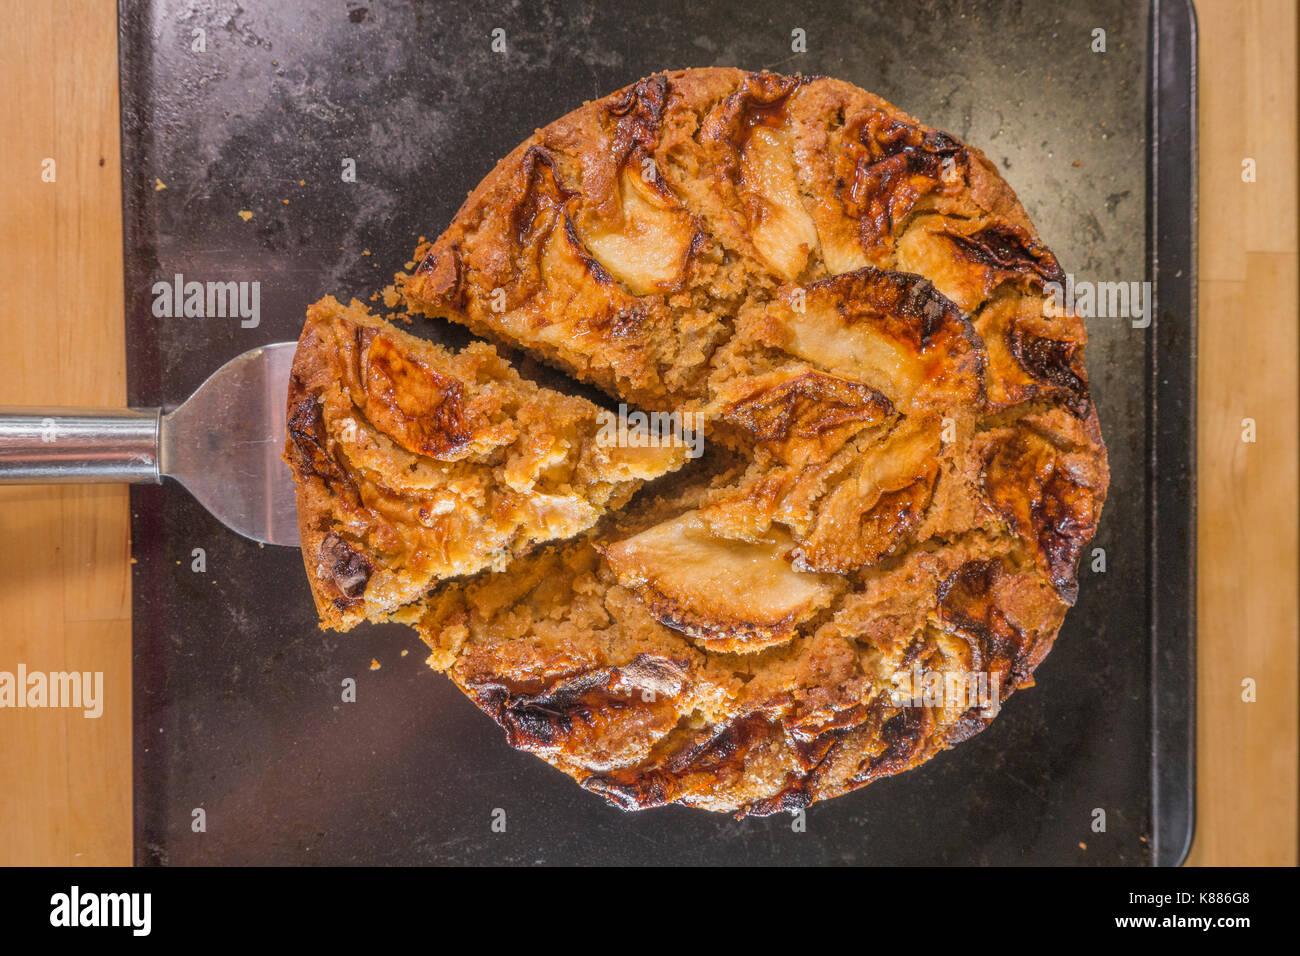 Une coupe triangulaire de gâteau aux pommes épicées, de refroidissement sur une plaque de cuisson dans une cuisine, de l'étuve. Angleterre, Royaume-Uni. Photo Stock